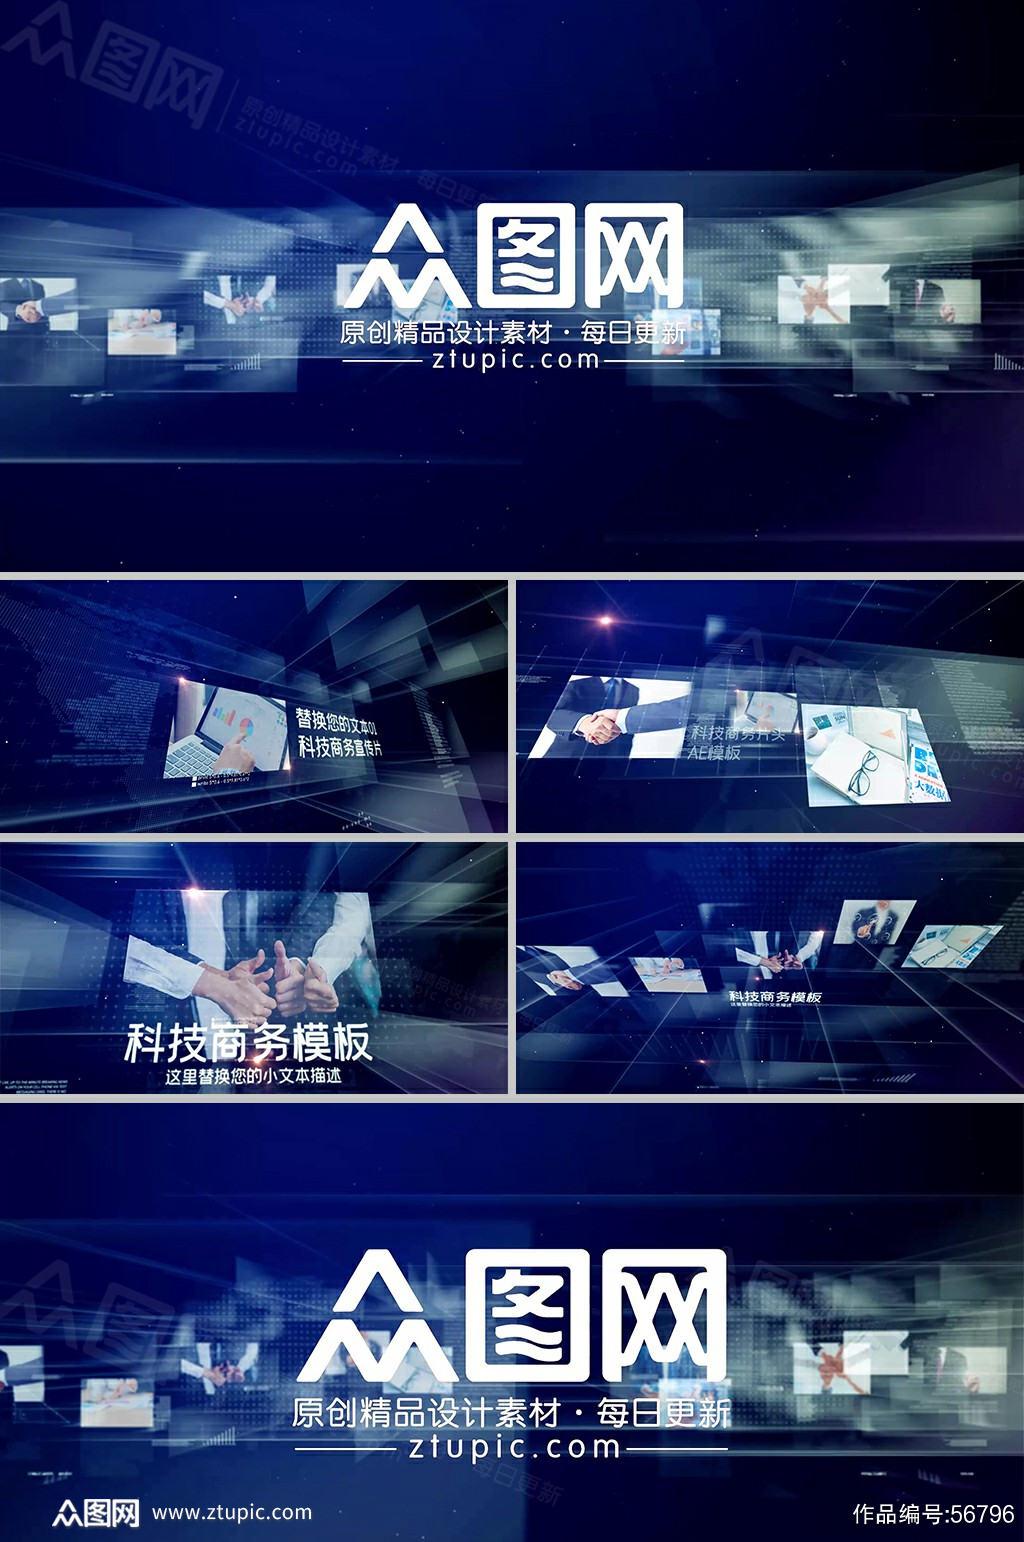 全息公司宣传片头AE模板素材